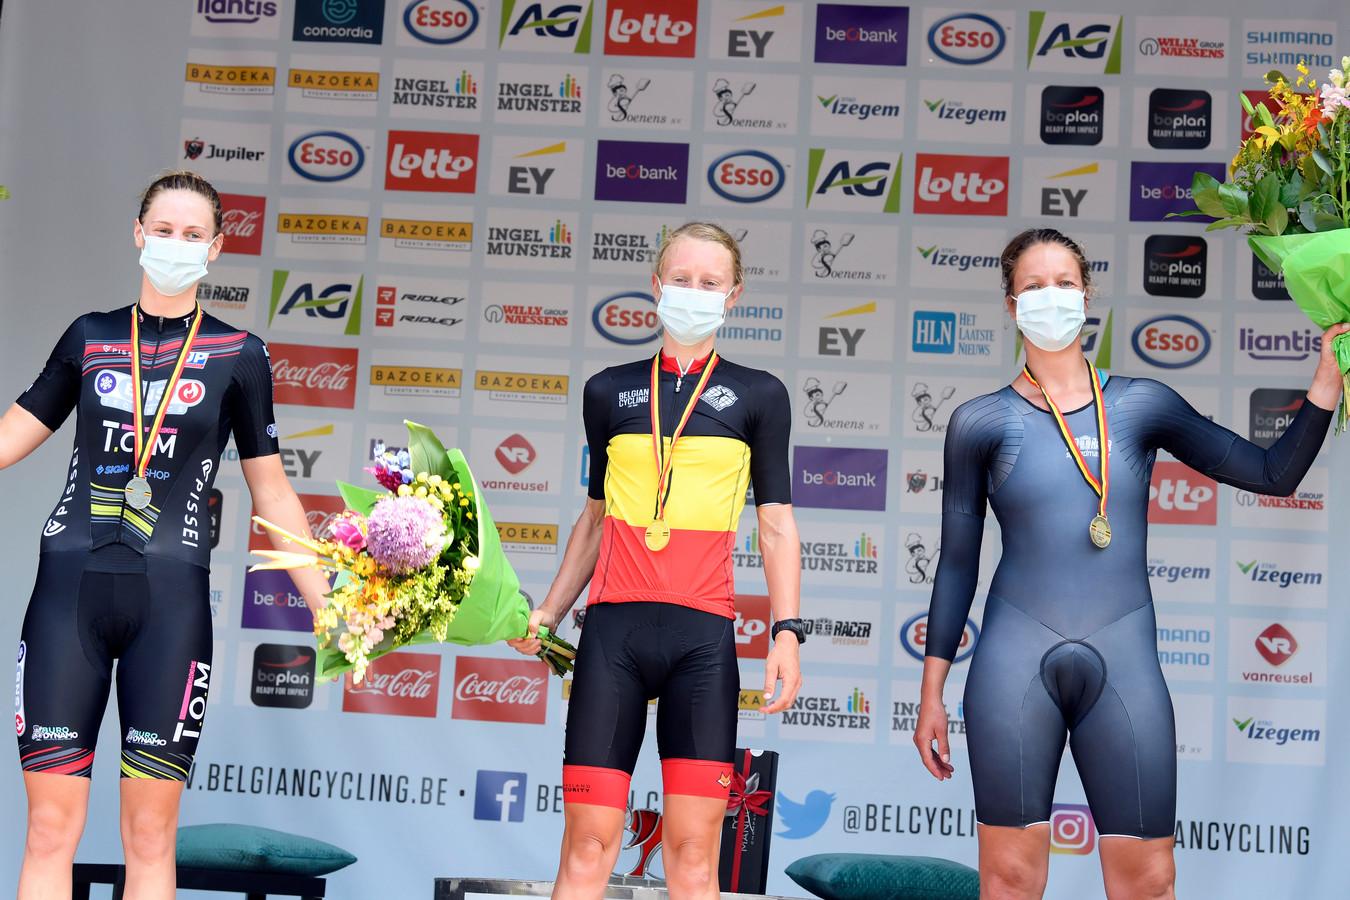 Op het podium voor clubrensters flankeert Julie Sap (r.) kampioene Lotte Claes en zilveren medaillewinnares Fauve Bastiaenssen.